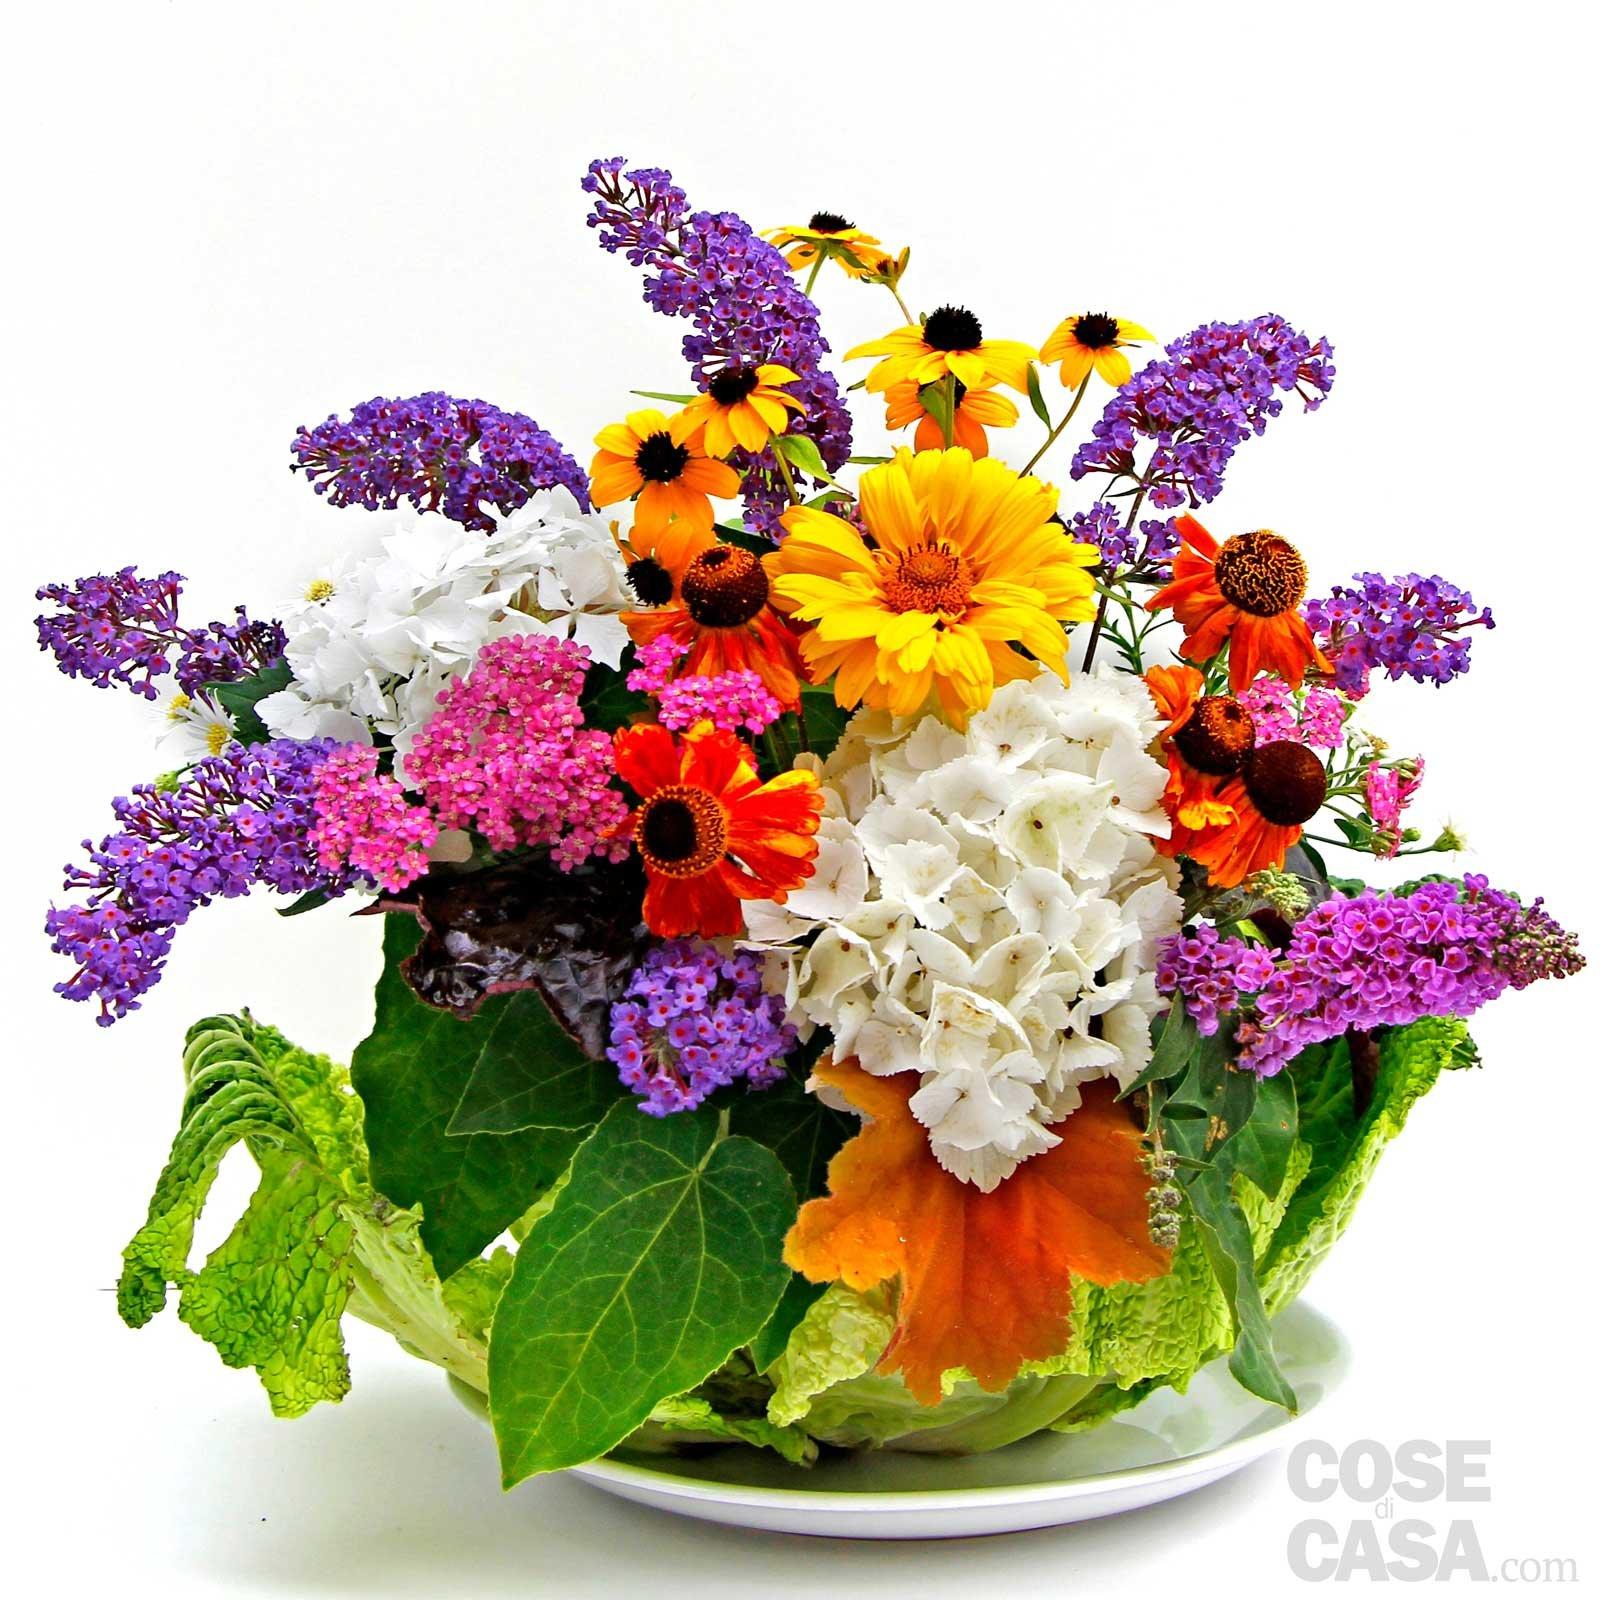 Il centrotavola con verza e fiori cose di casa - Centrotavola natalizi con fiori finti ...